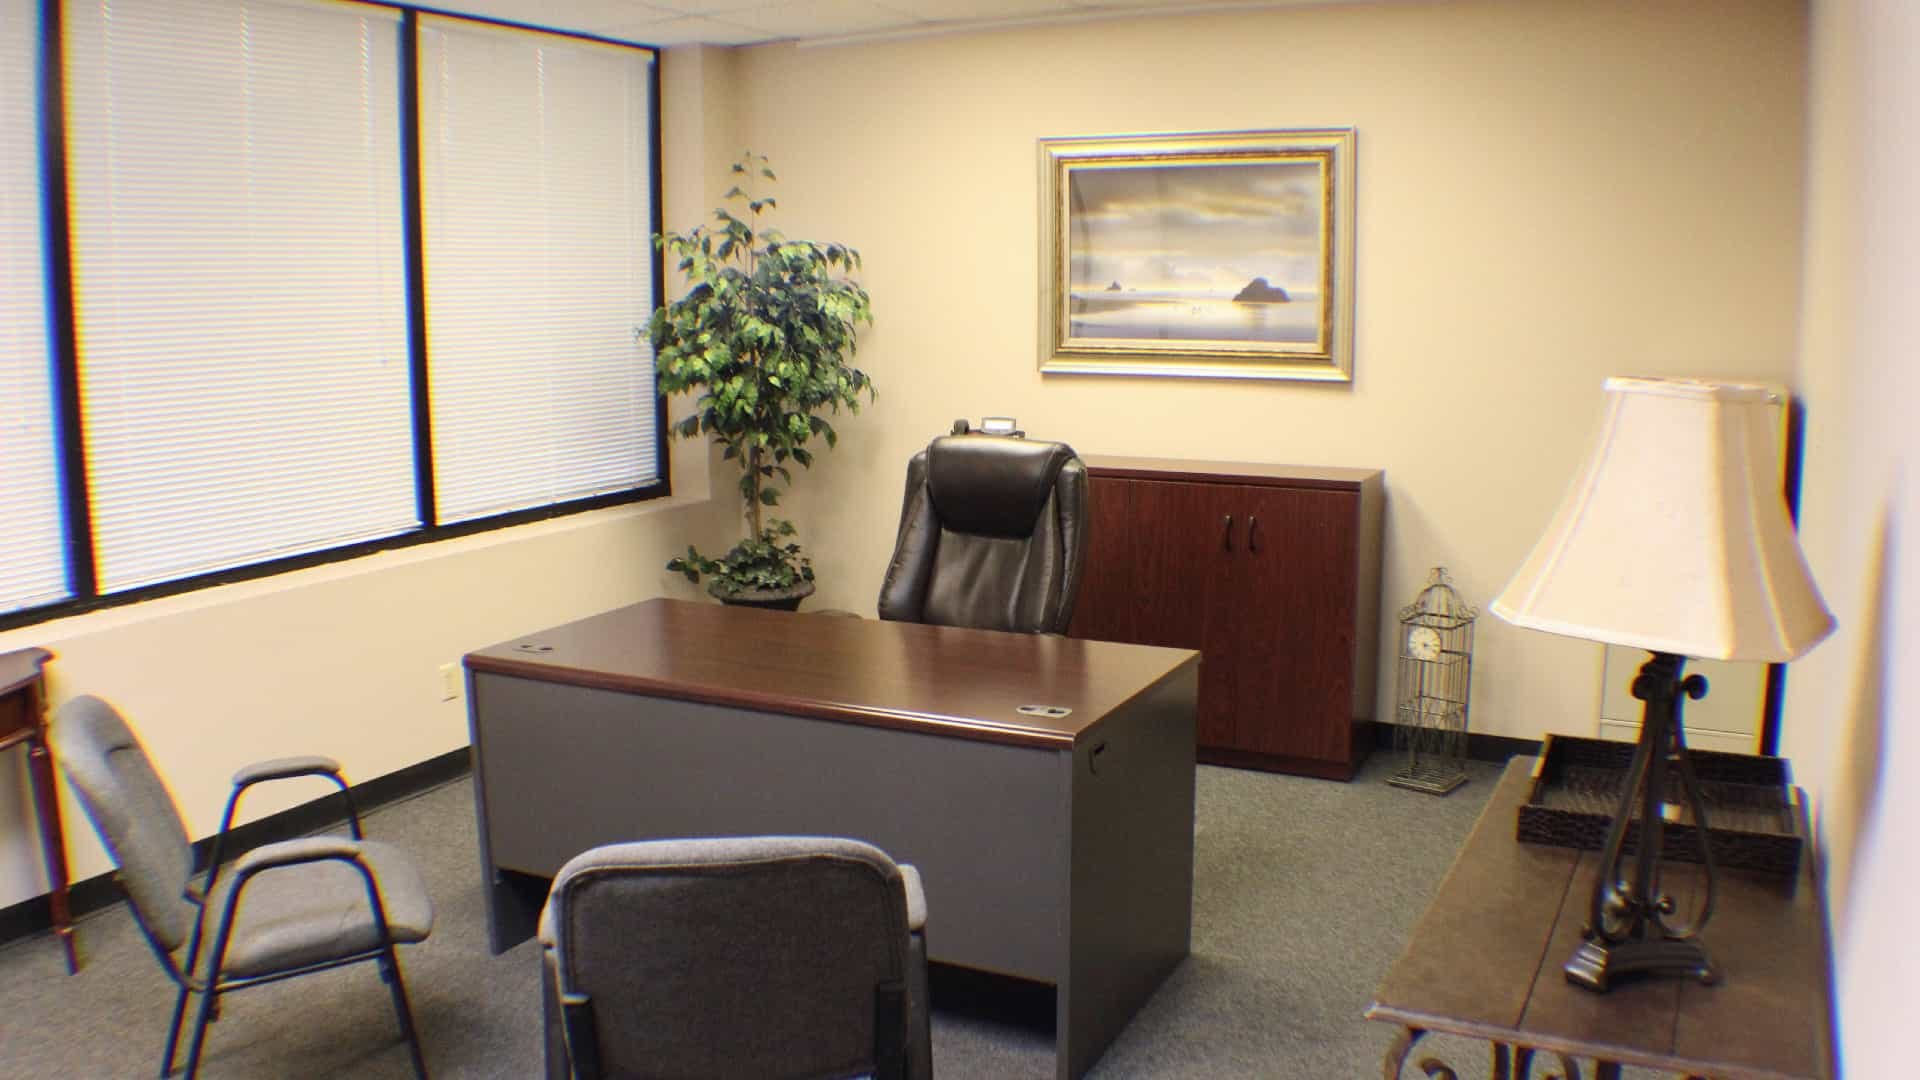 Executive Suite Chattanooga Executive Center